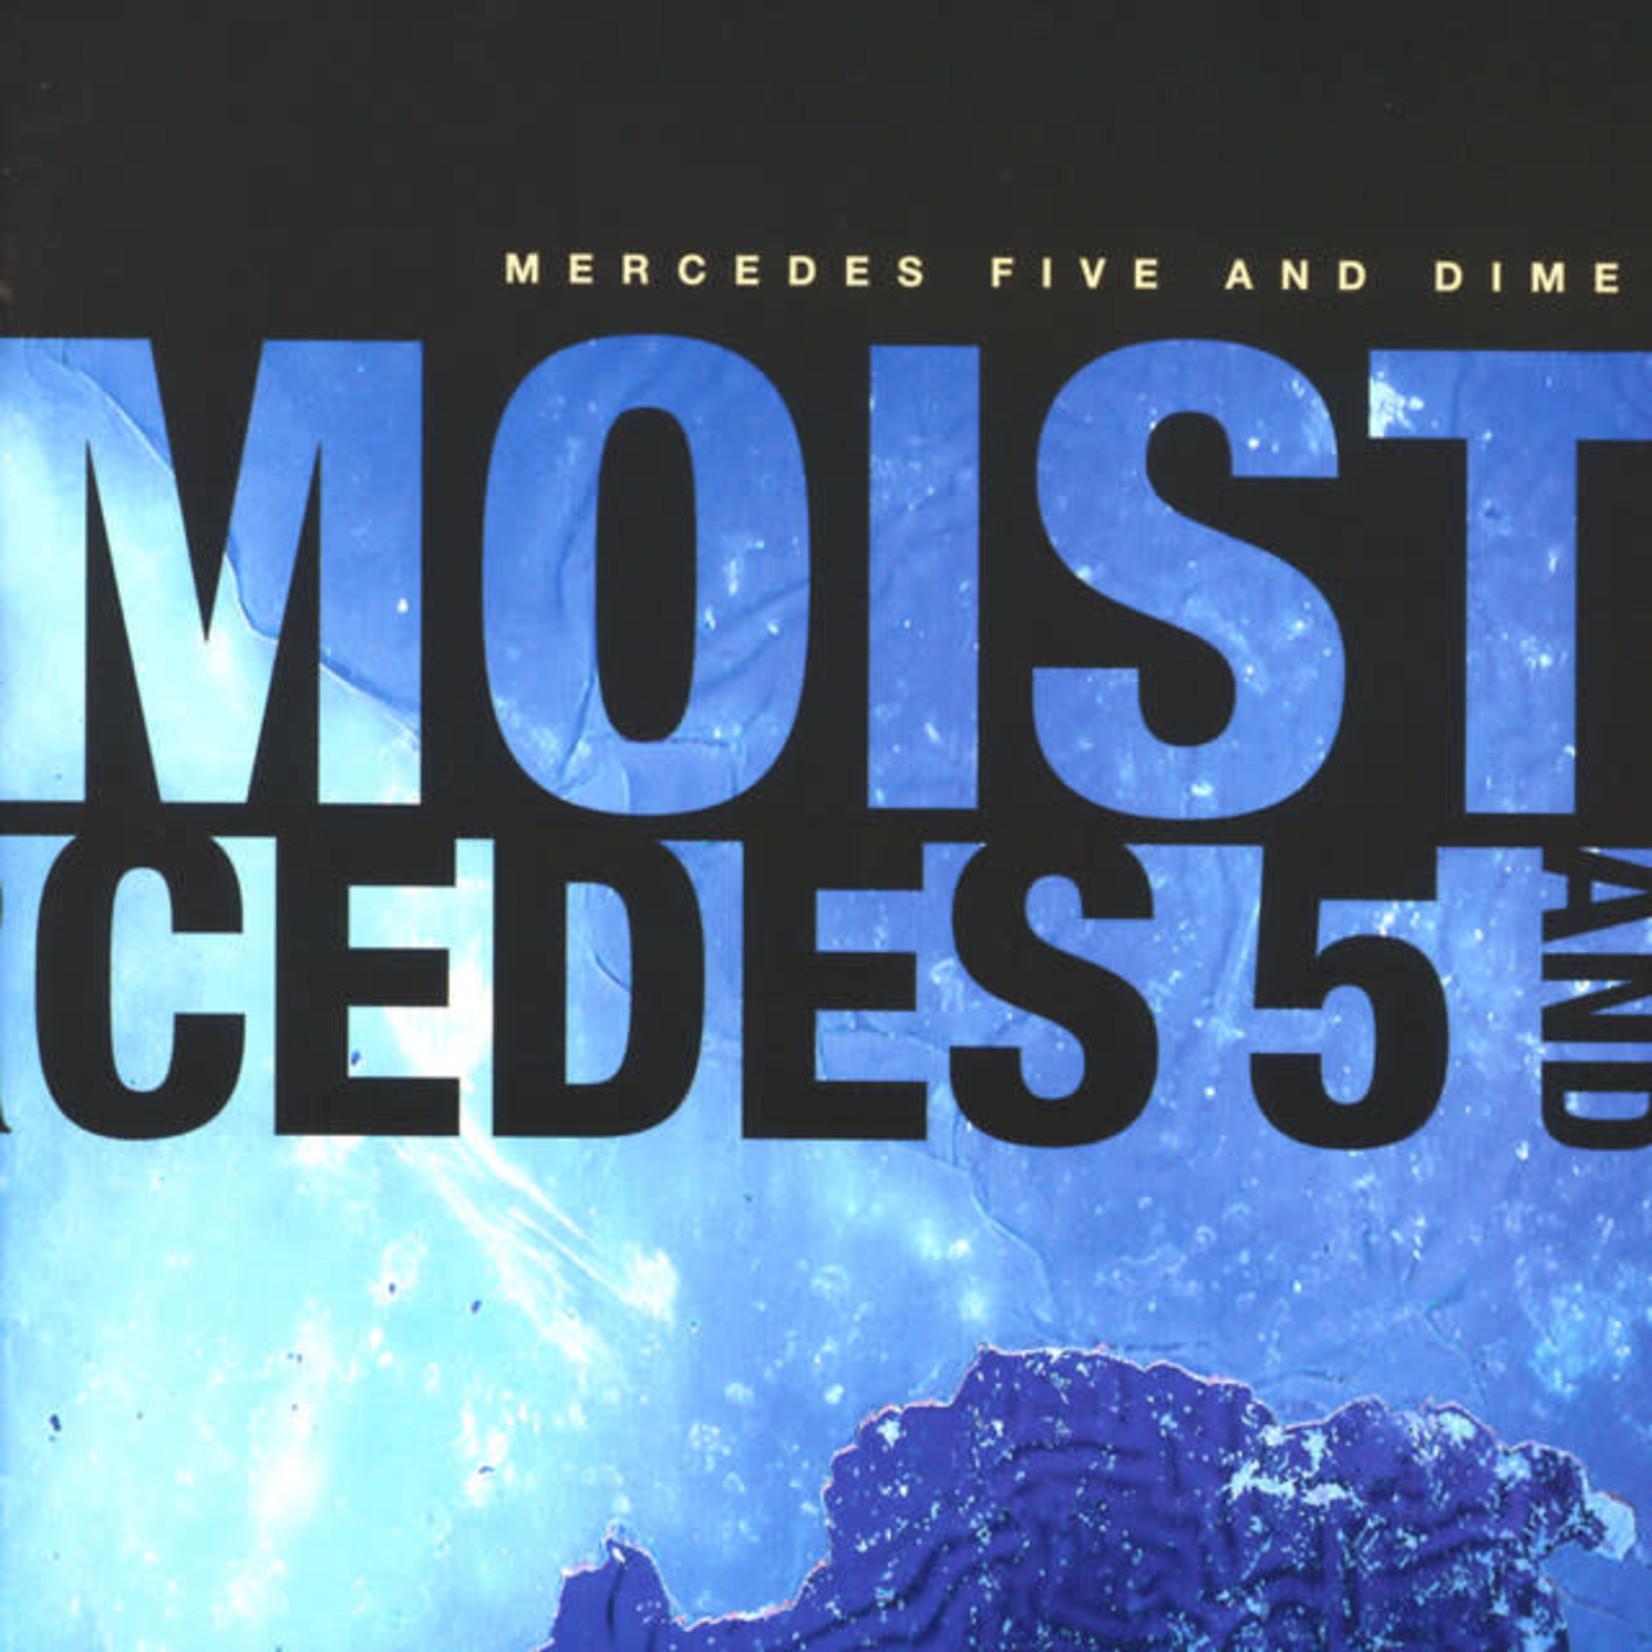 Vinyl Moist - Mercedes Fine and Dime. Final Sale